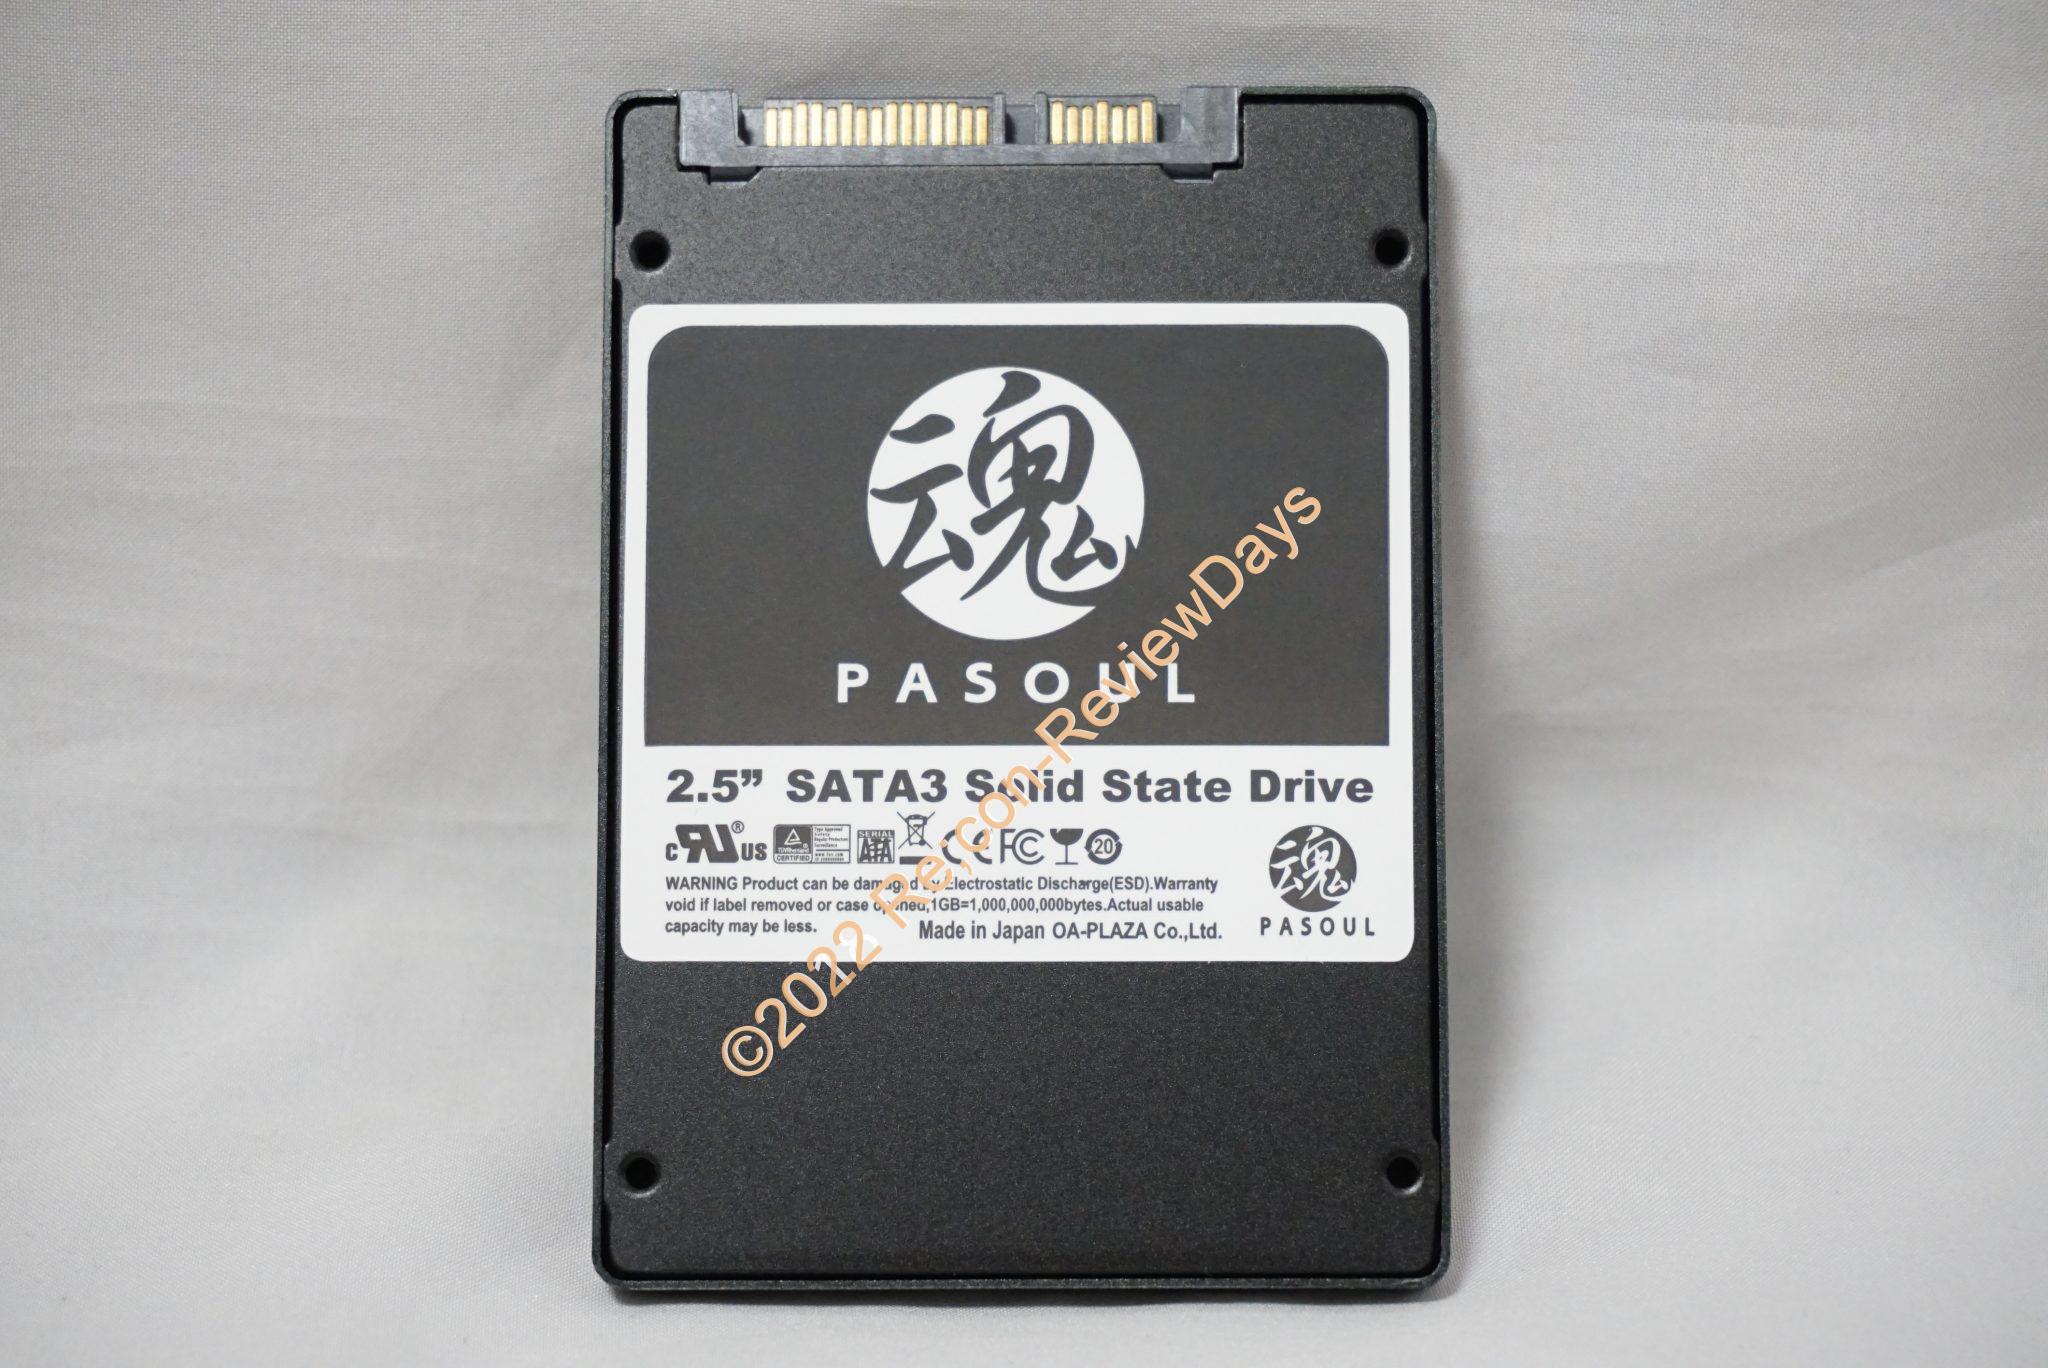 OA-PLAZA製の2.5インチ7mm厚のオリジナルブランド 480GB SSD「魂 PASOUL 480GB」のパフォーマンスをチェックする #SSD #自作PC